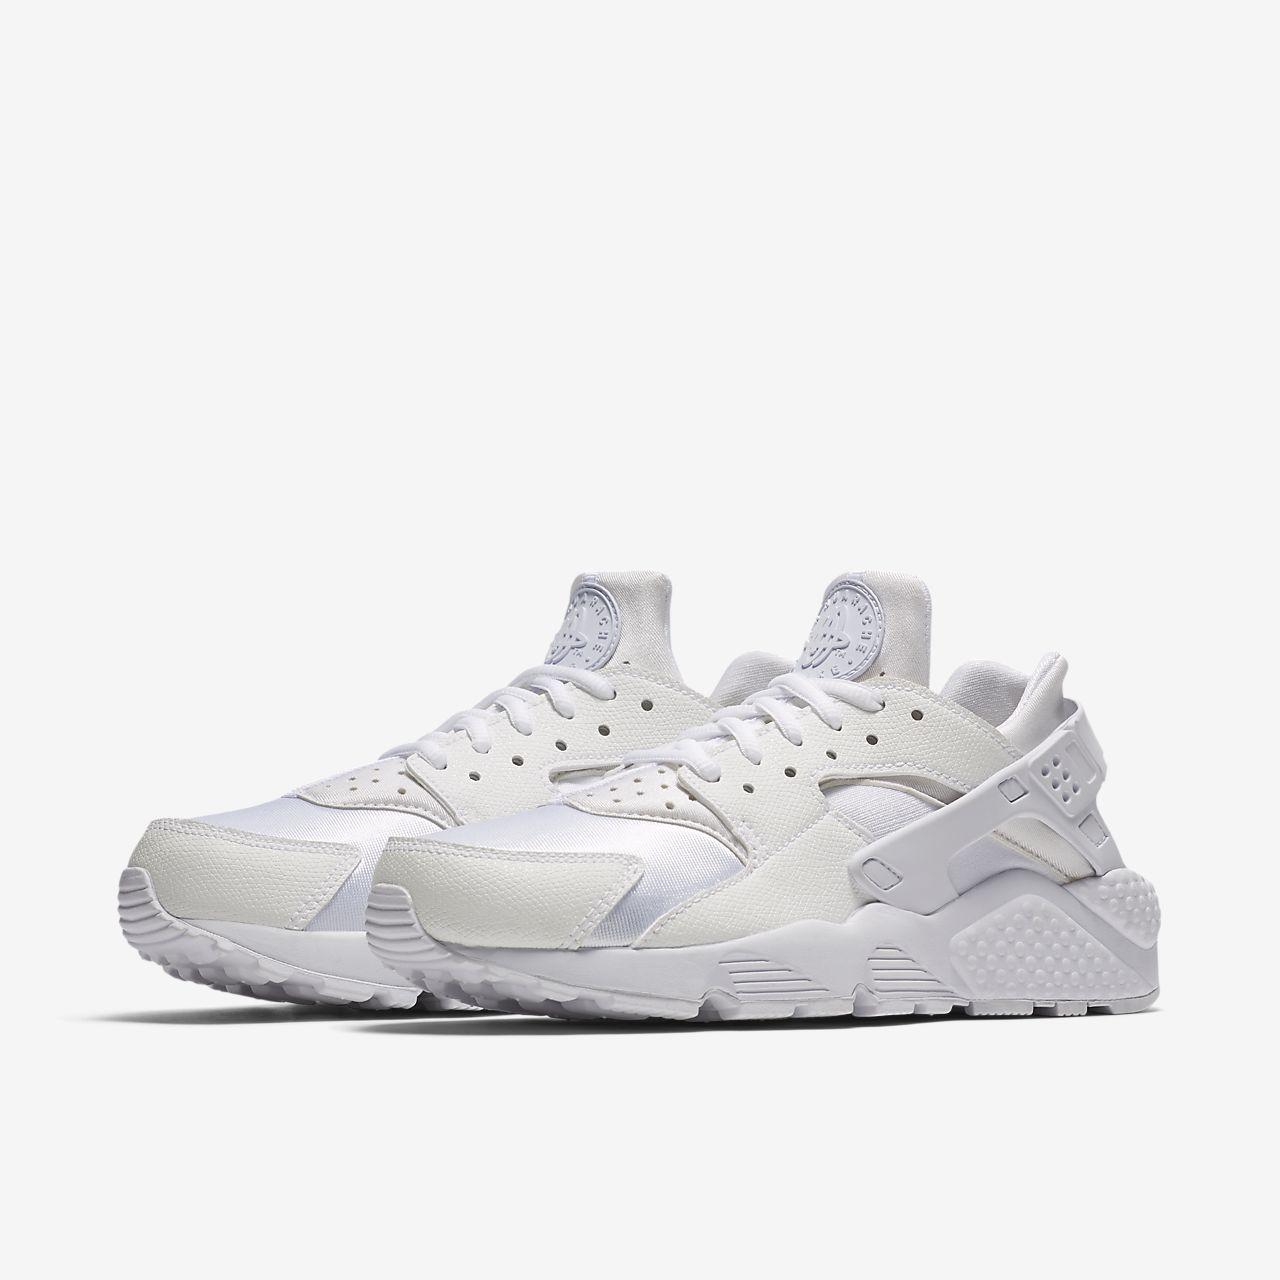 nike air huarache taille petit,Nike Wmns Air Huarache air Urh Print Pink  Floral 725076 600 Taille Nike Sportswear Prix 8c89bbe140cb